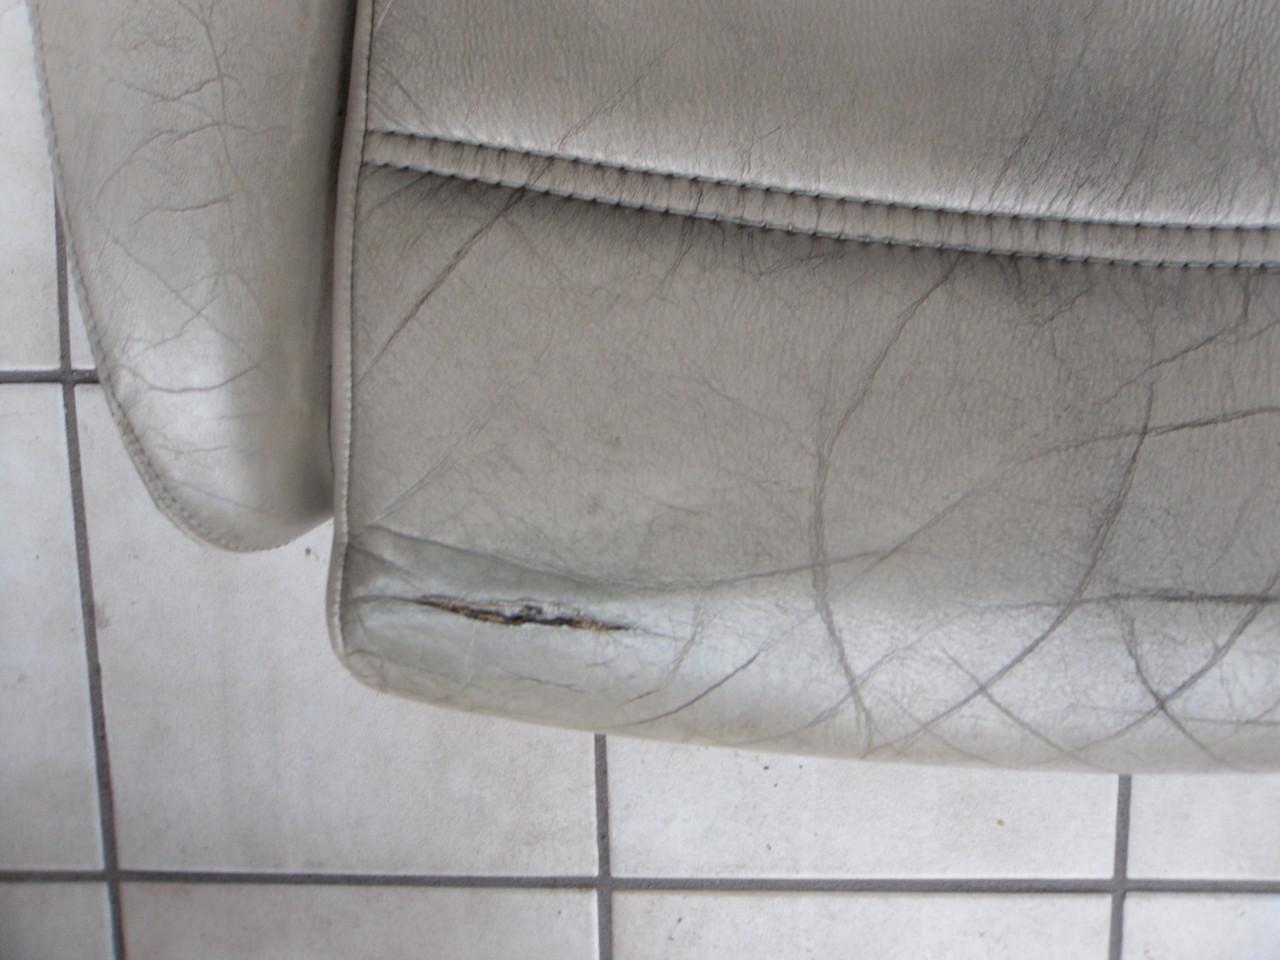 Fahrerseite - tiefer, langer Riß im Leder